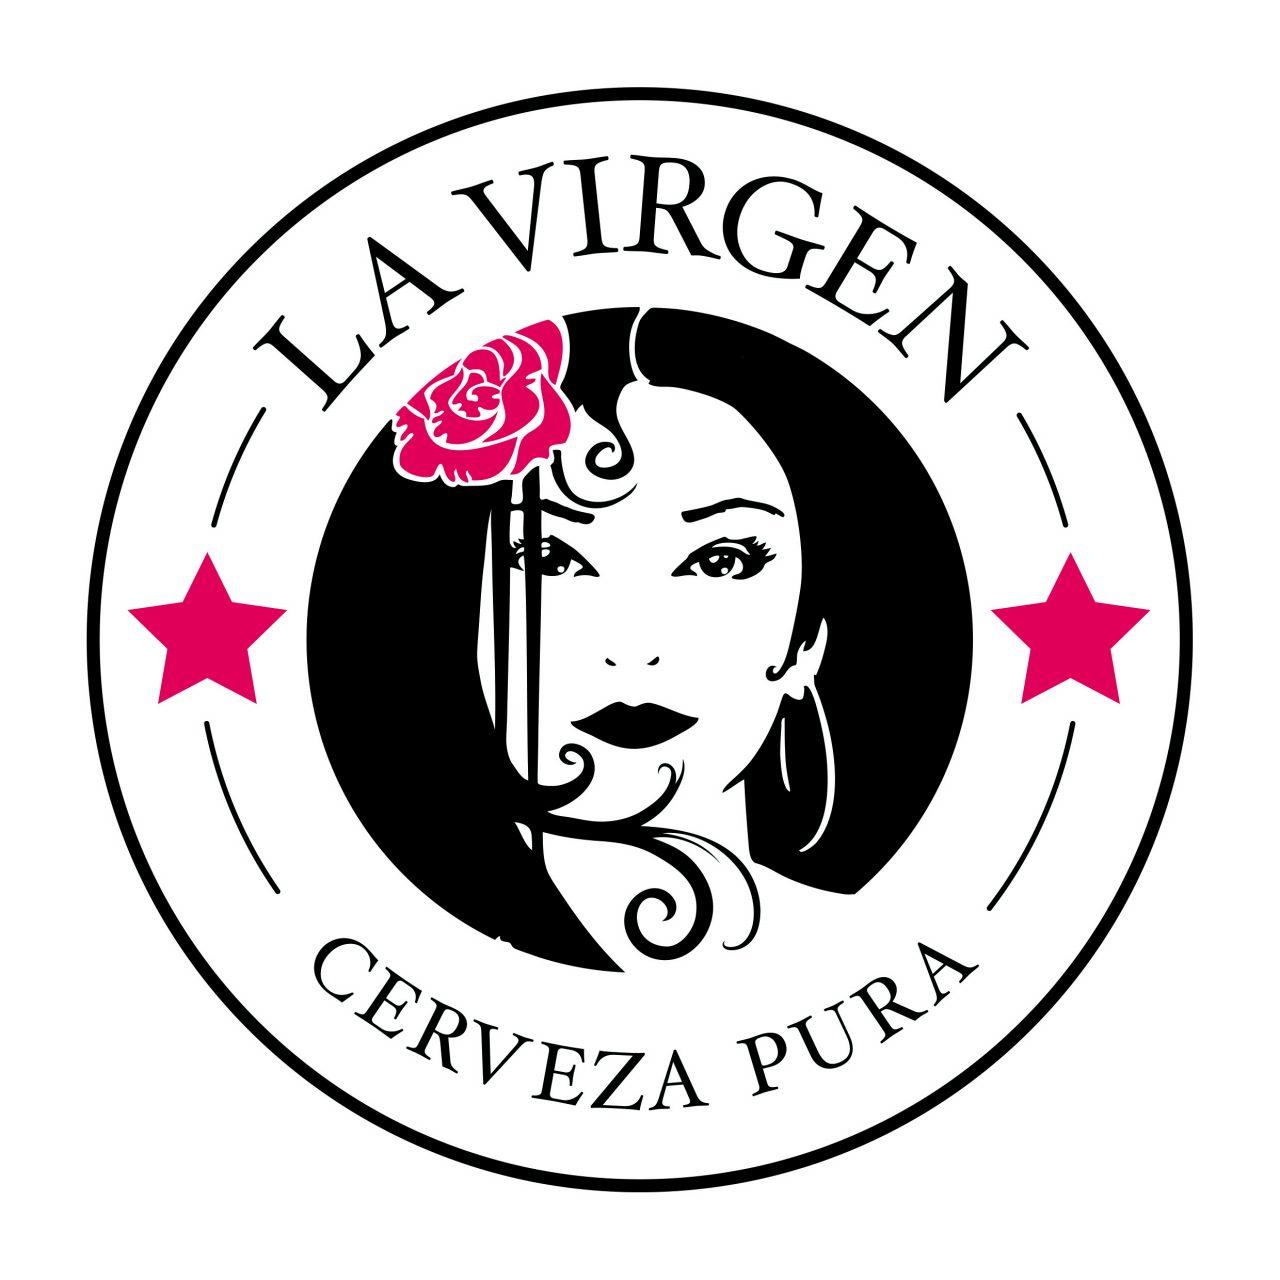 cervezas La Virgen logo